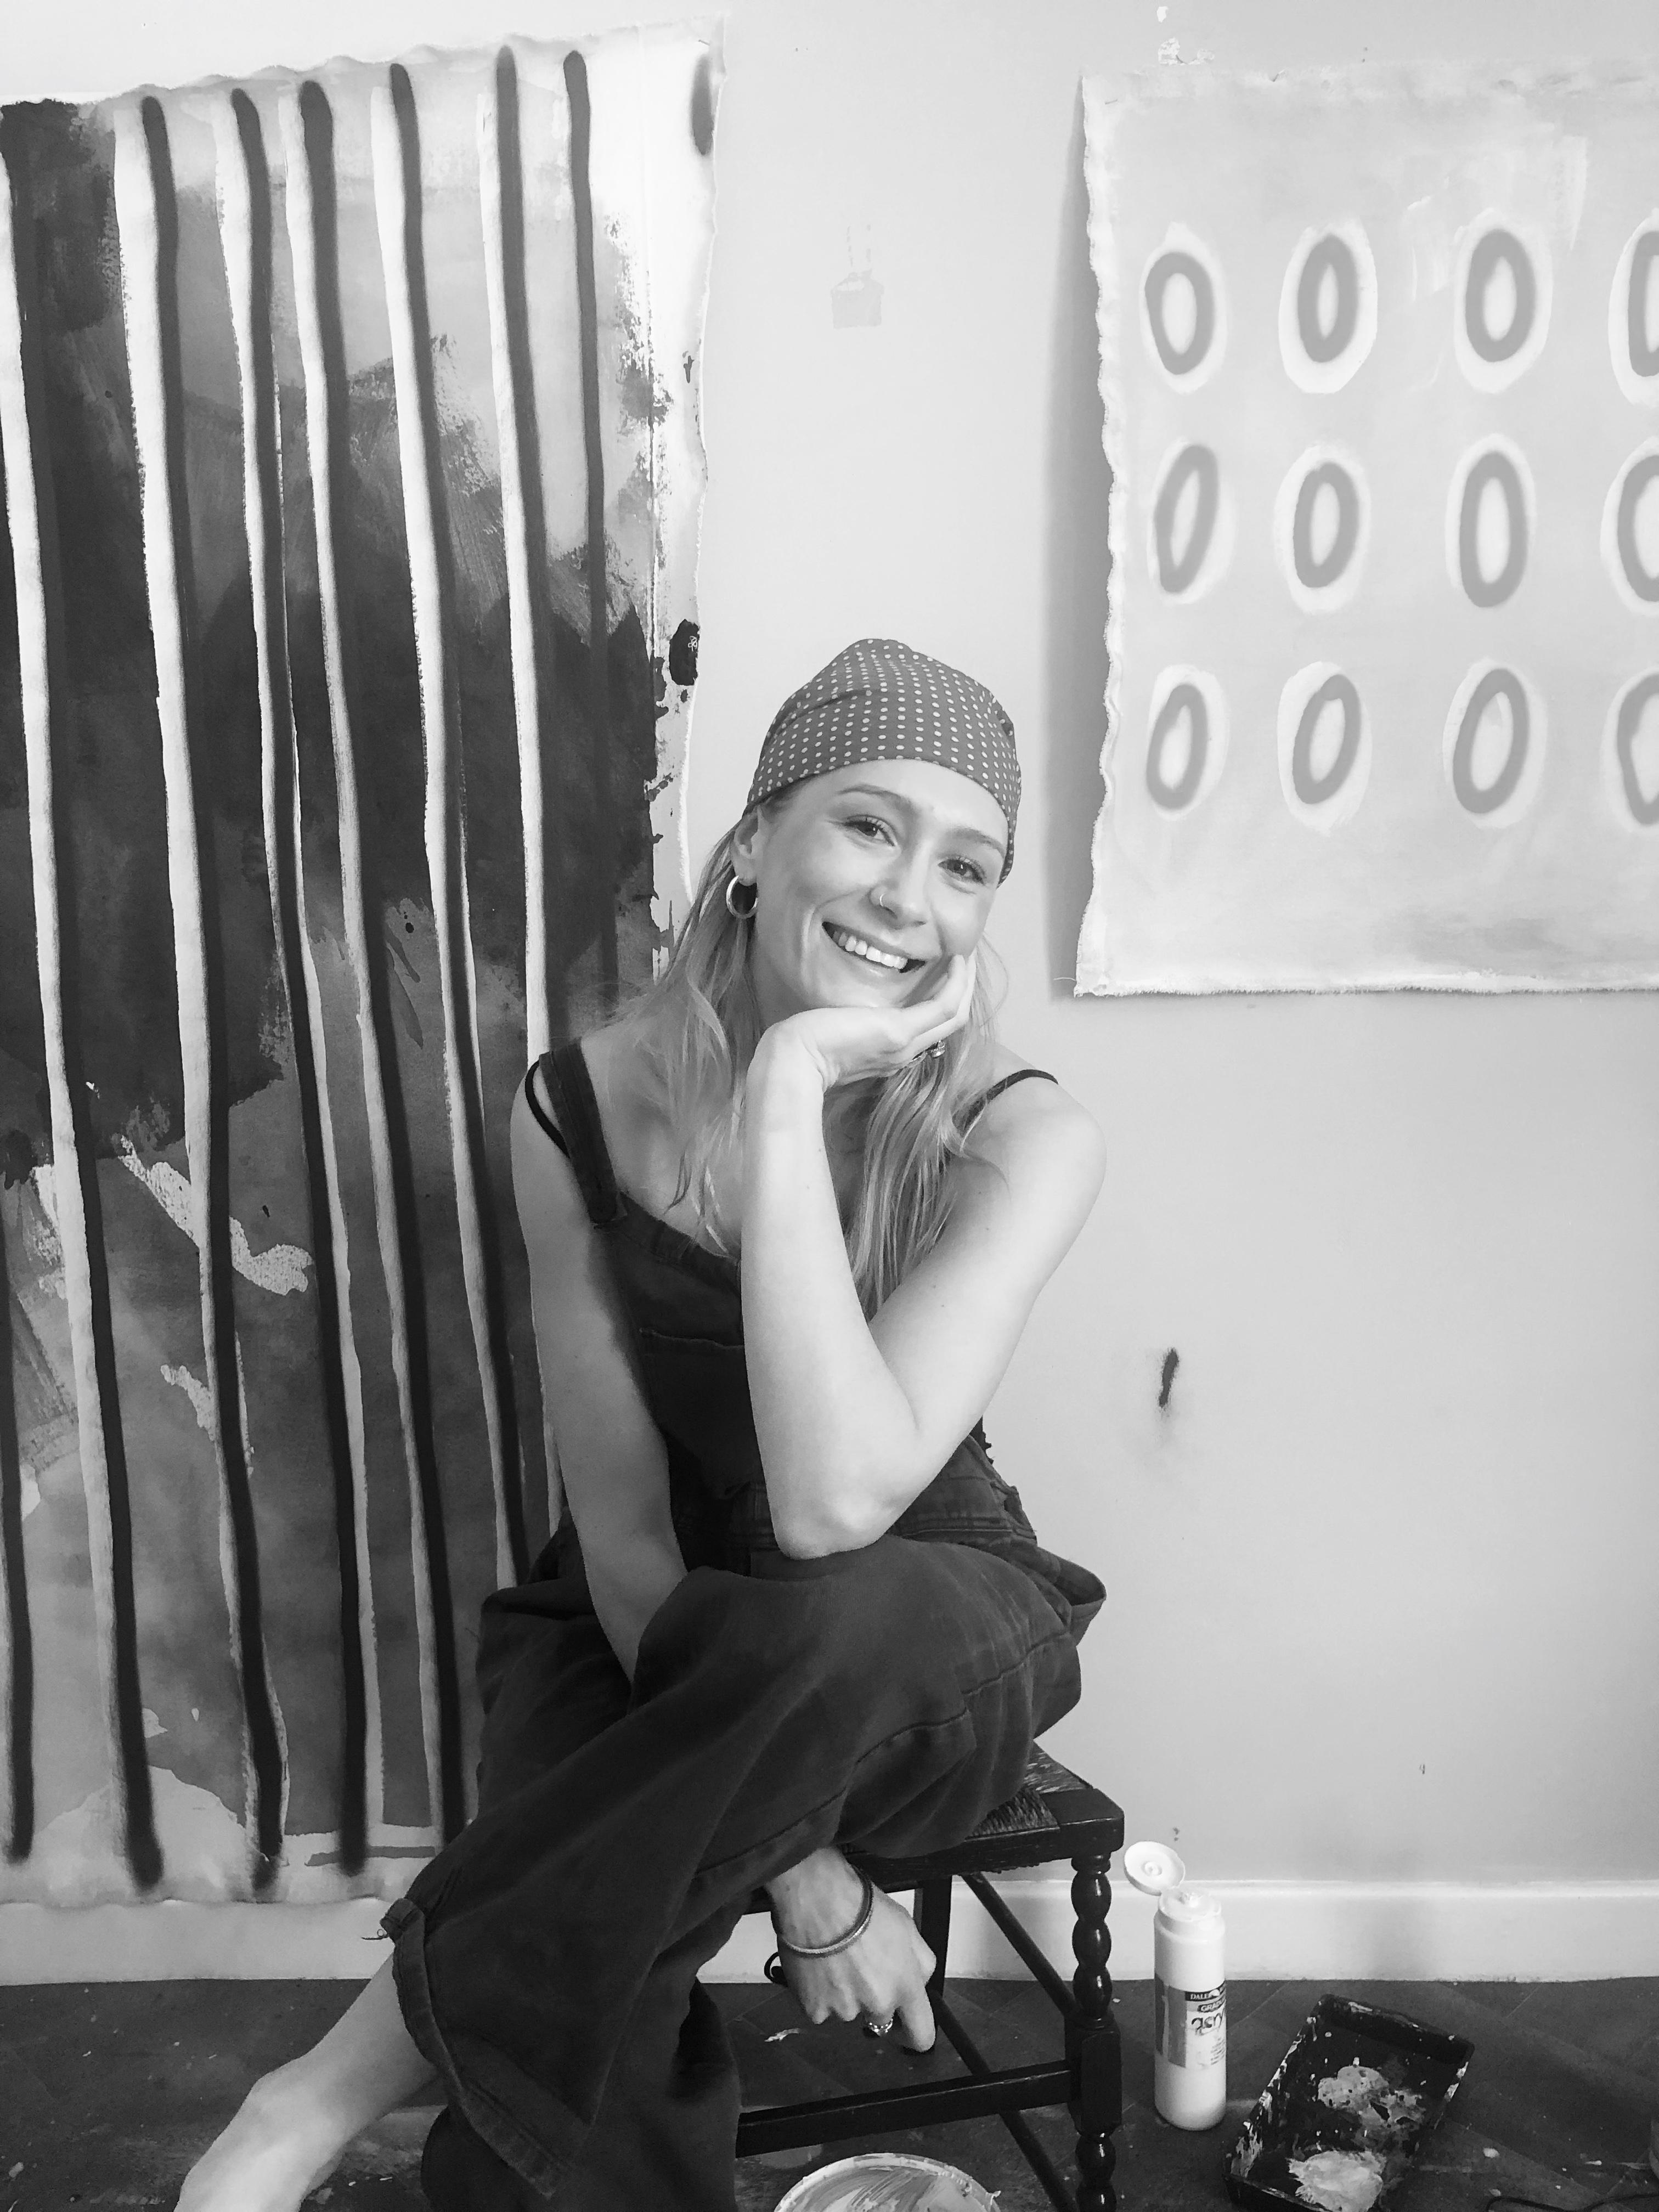 Phoebe Boddy Artist